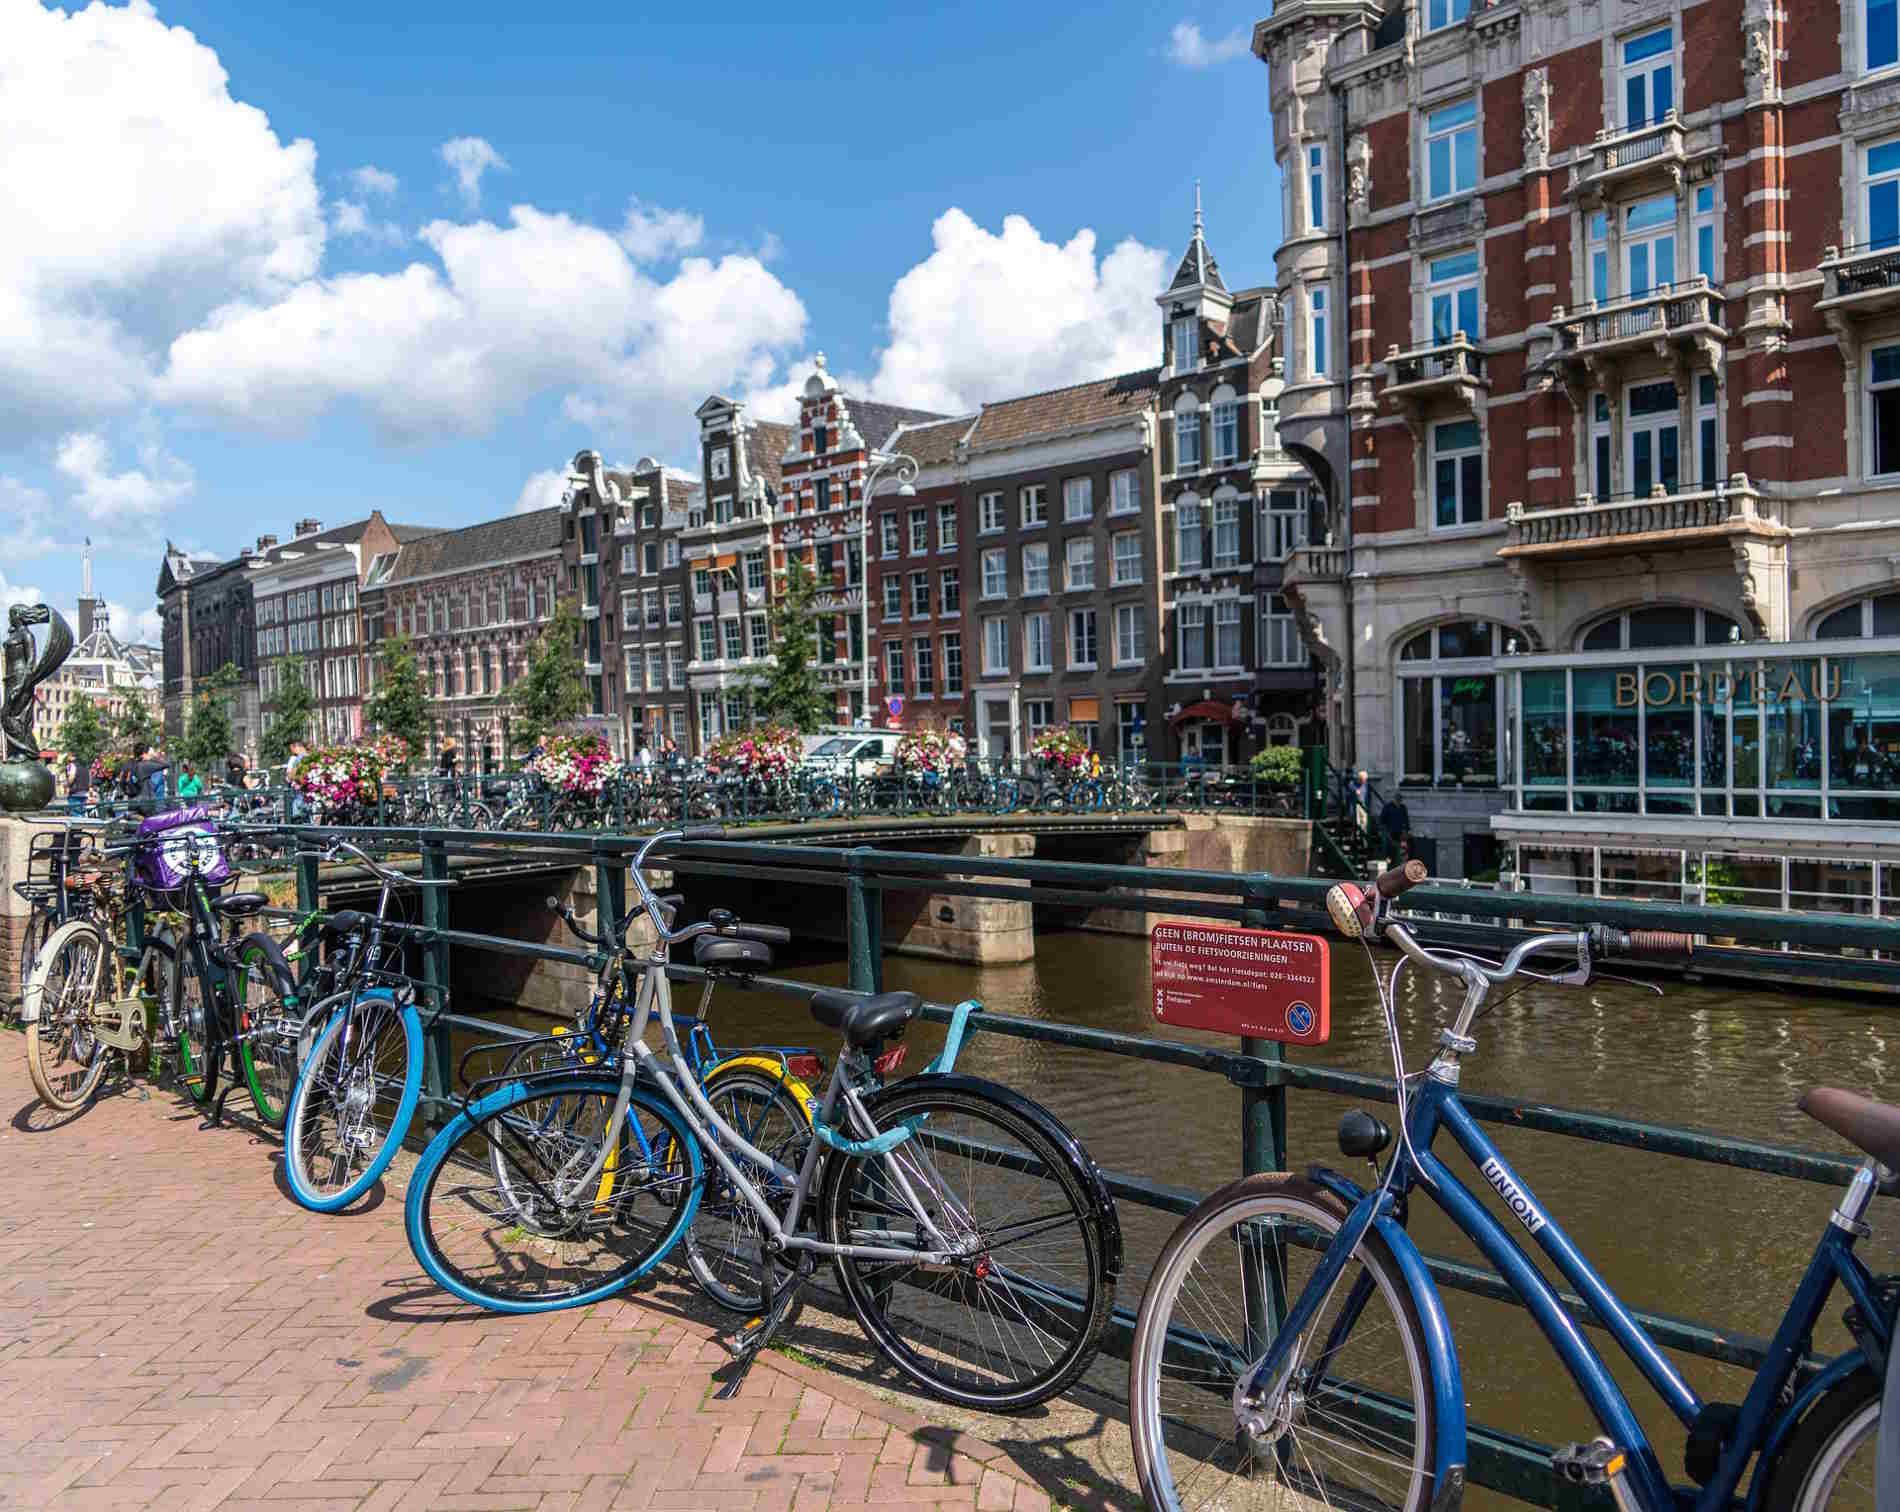 Città e capitali europee da visitare assolutamente -Biciclette e canali ad Amsterdam, capitale dell'Olanda